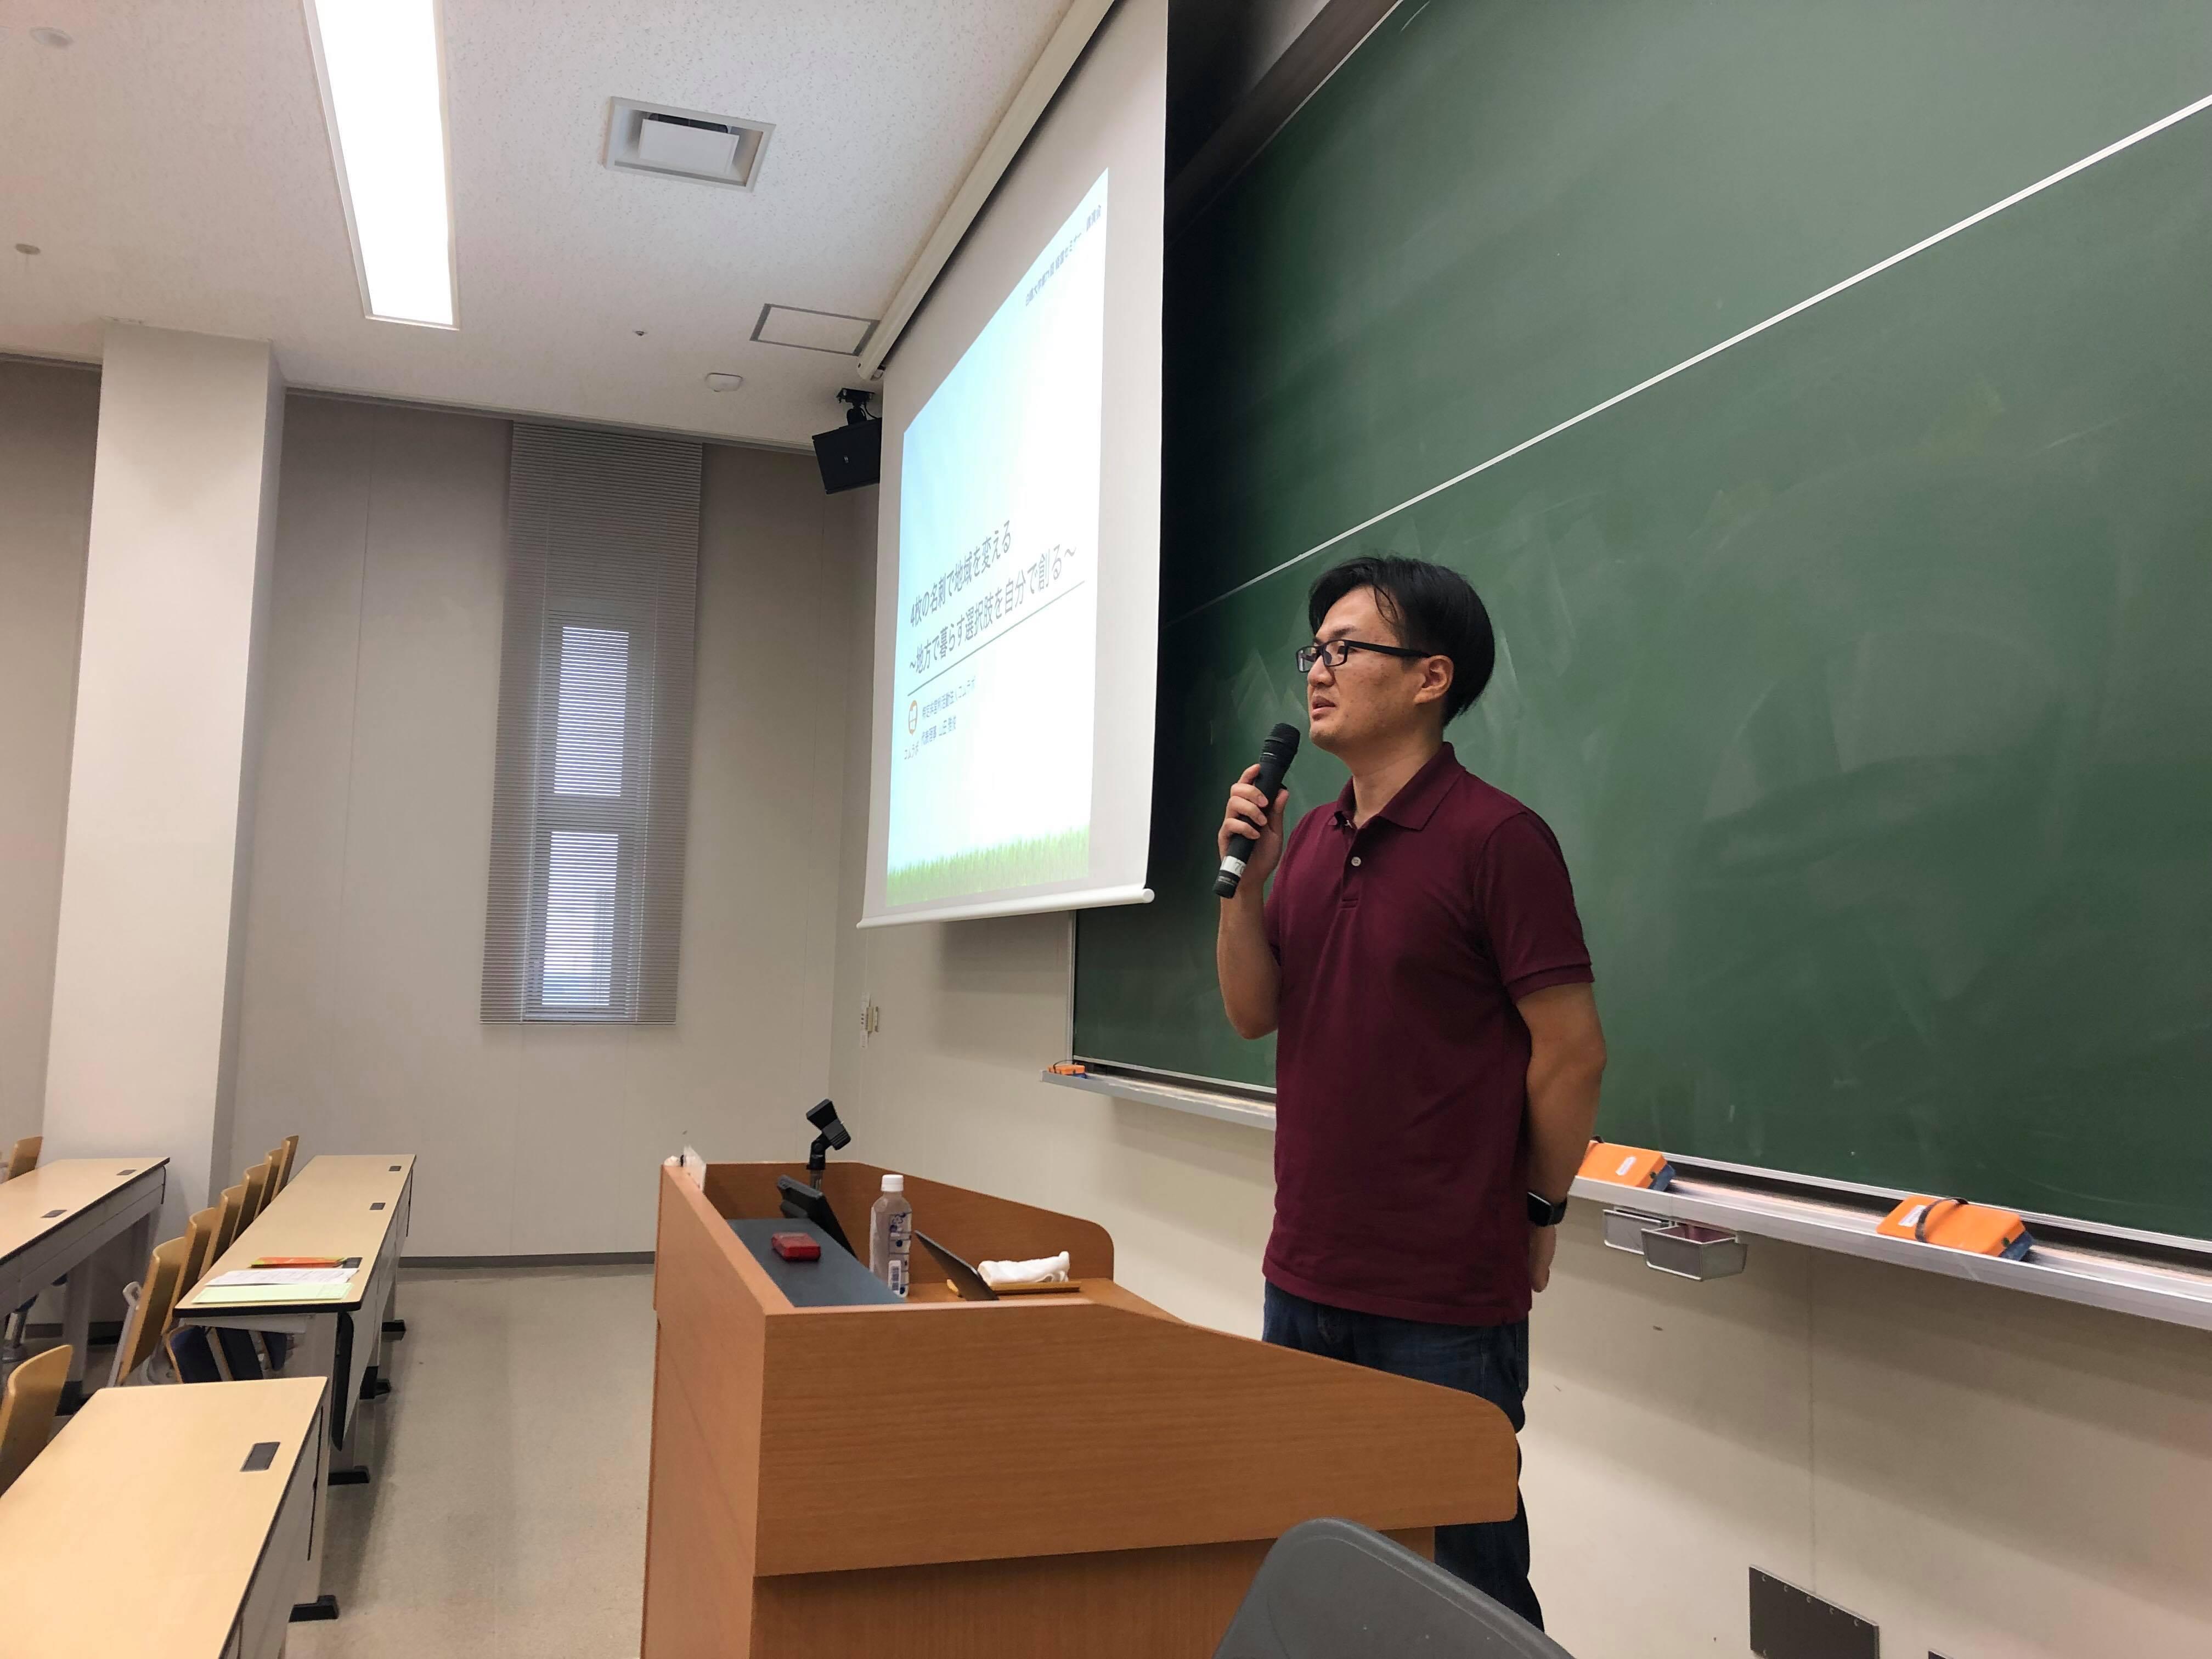 白鴎大学で「地方と複業」をテーマに講演しました。